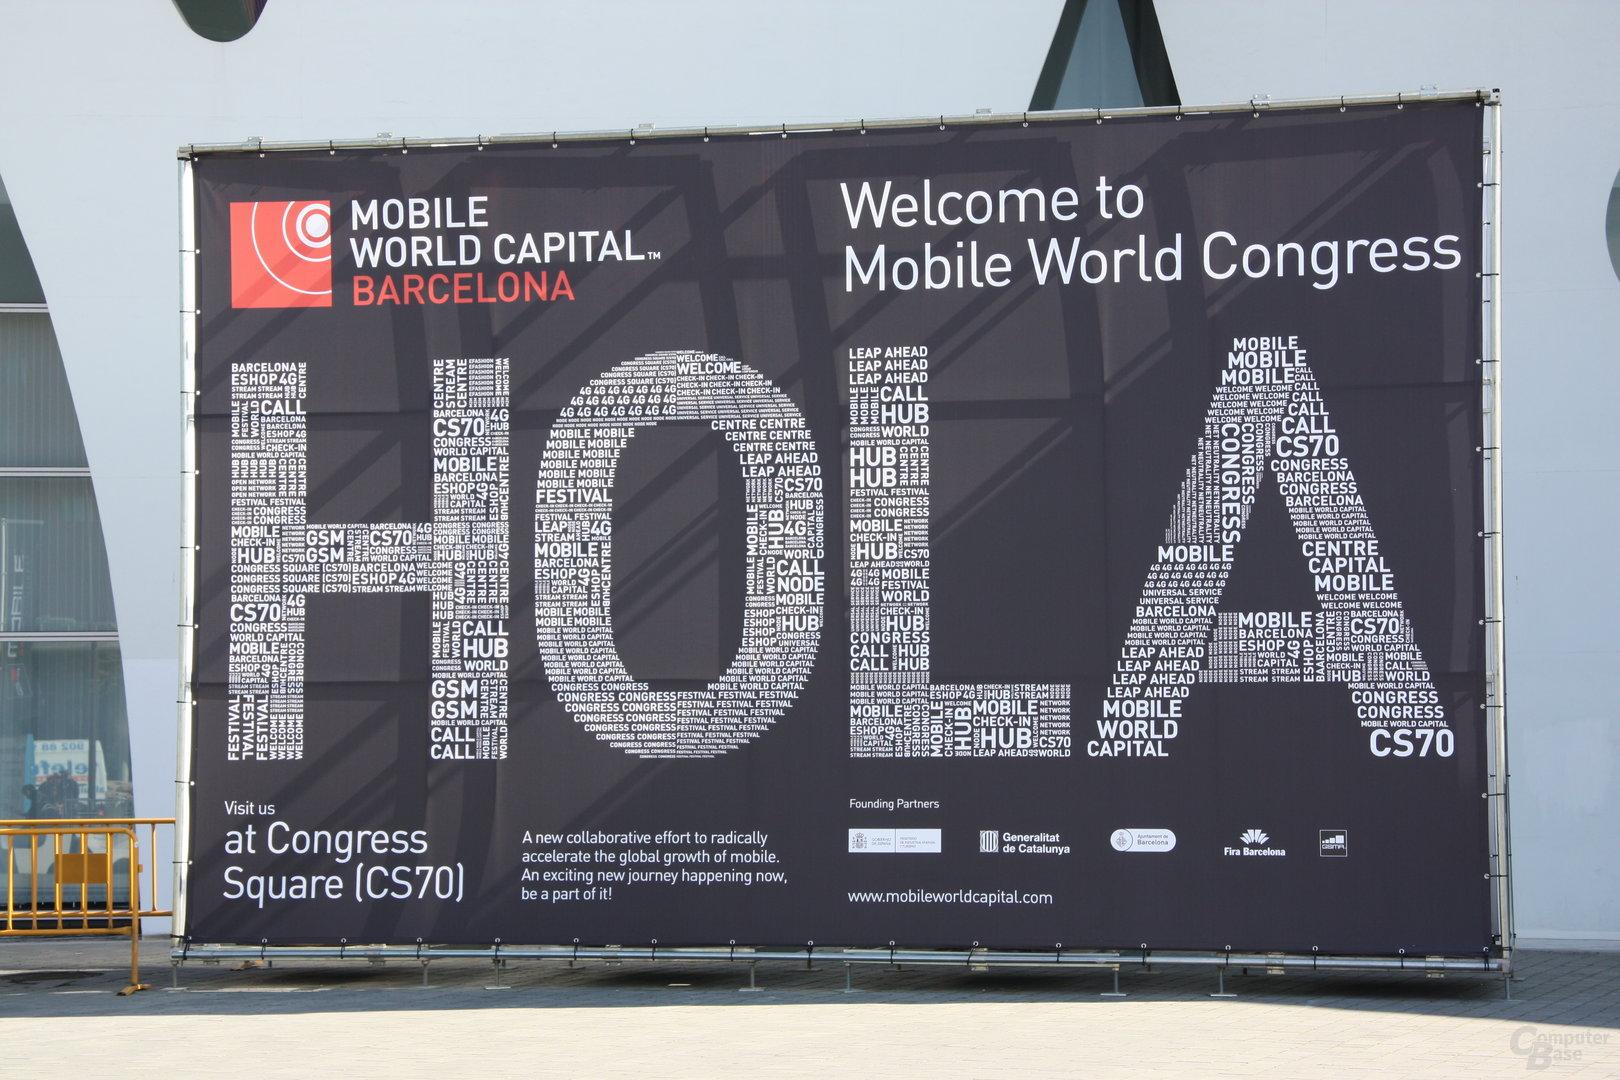 Der MWC 2013 begrüßt seine Besucher